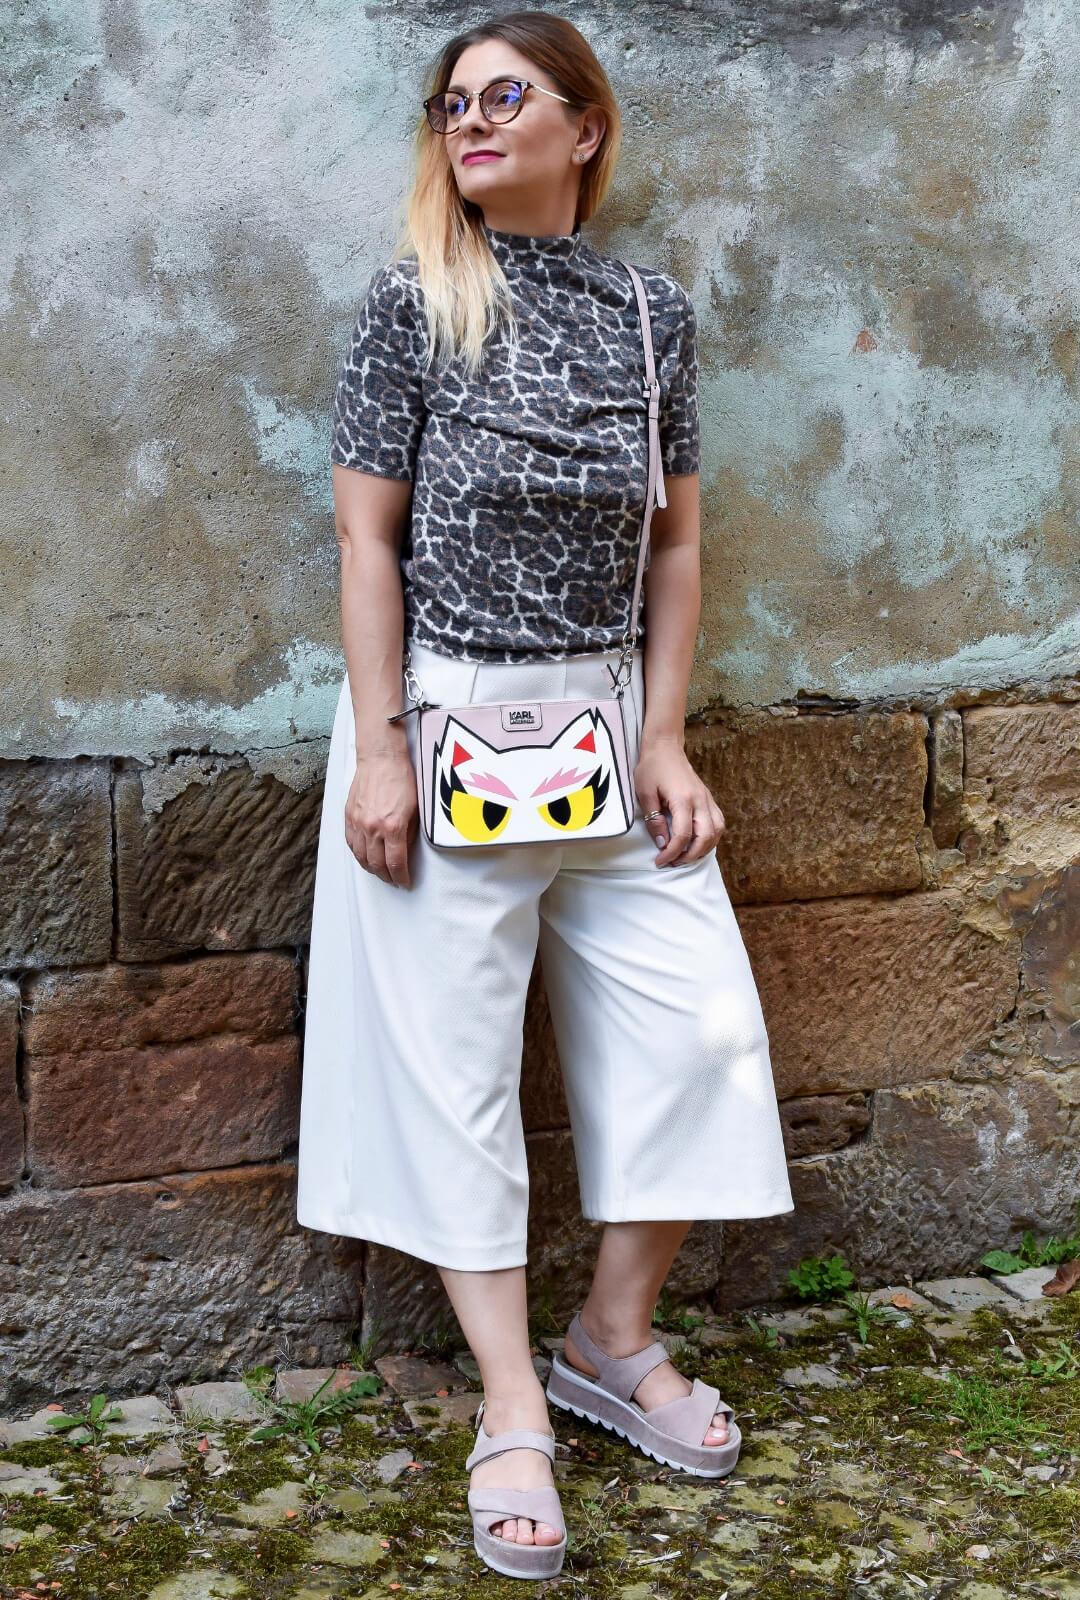 Weisse-Culotte-kombinieren-mit-Shirt